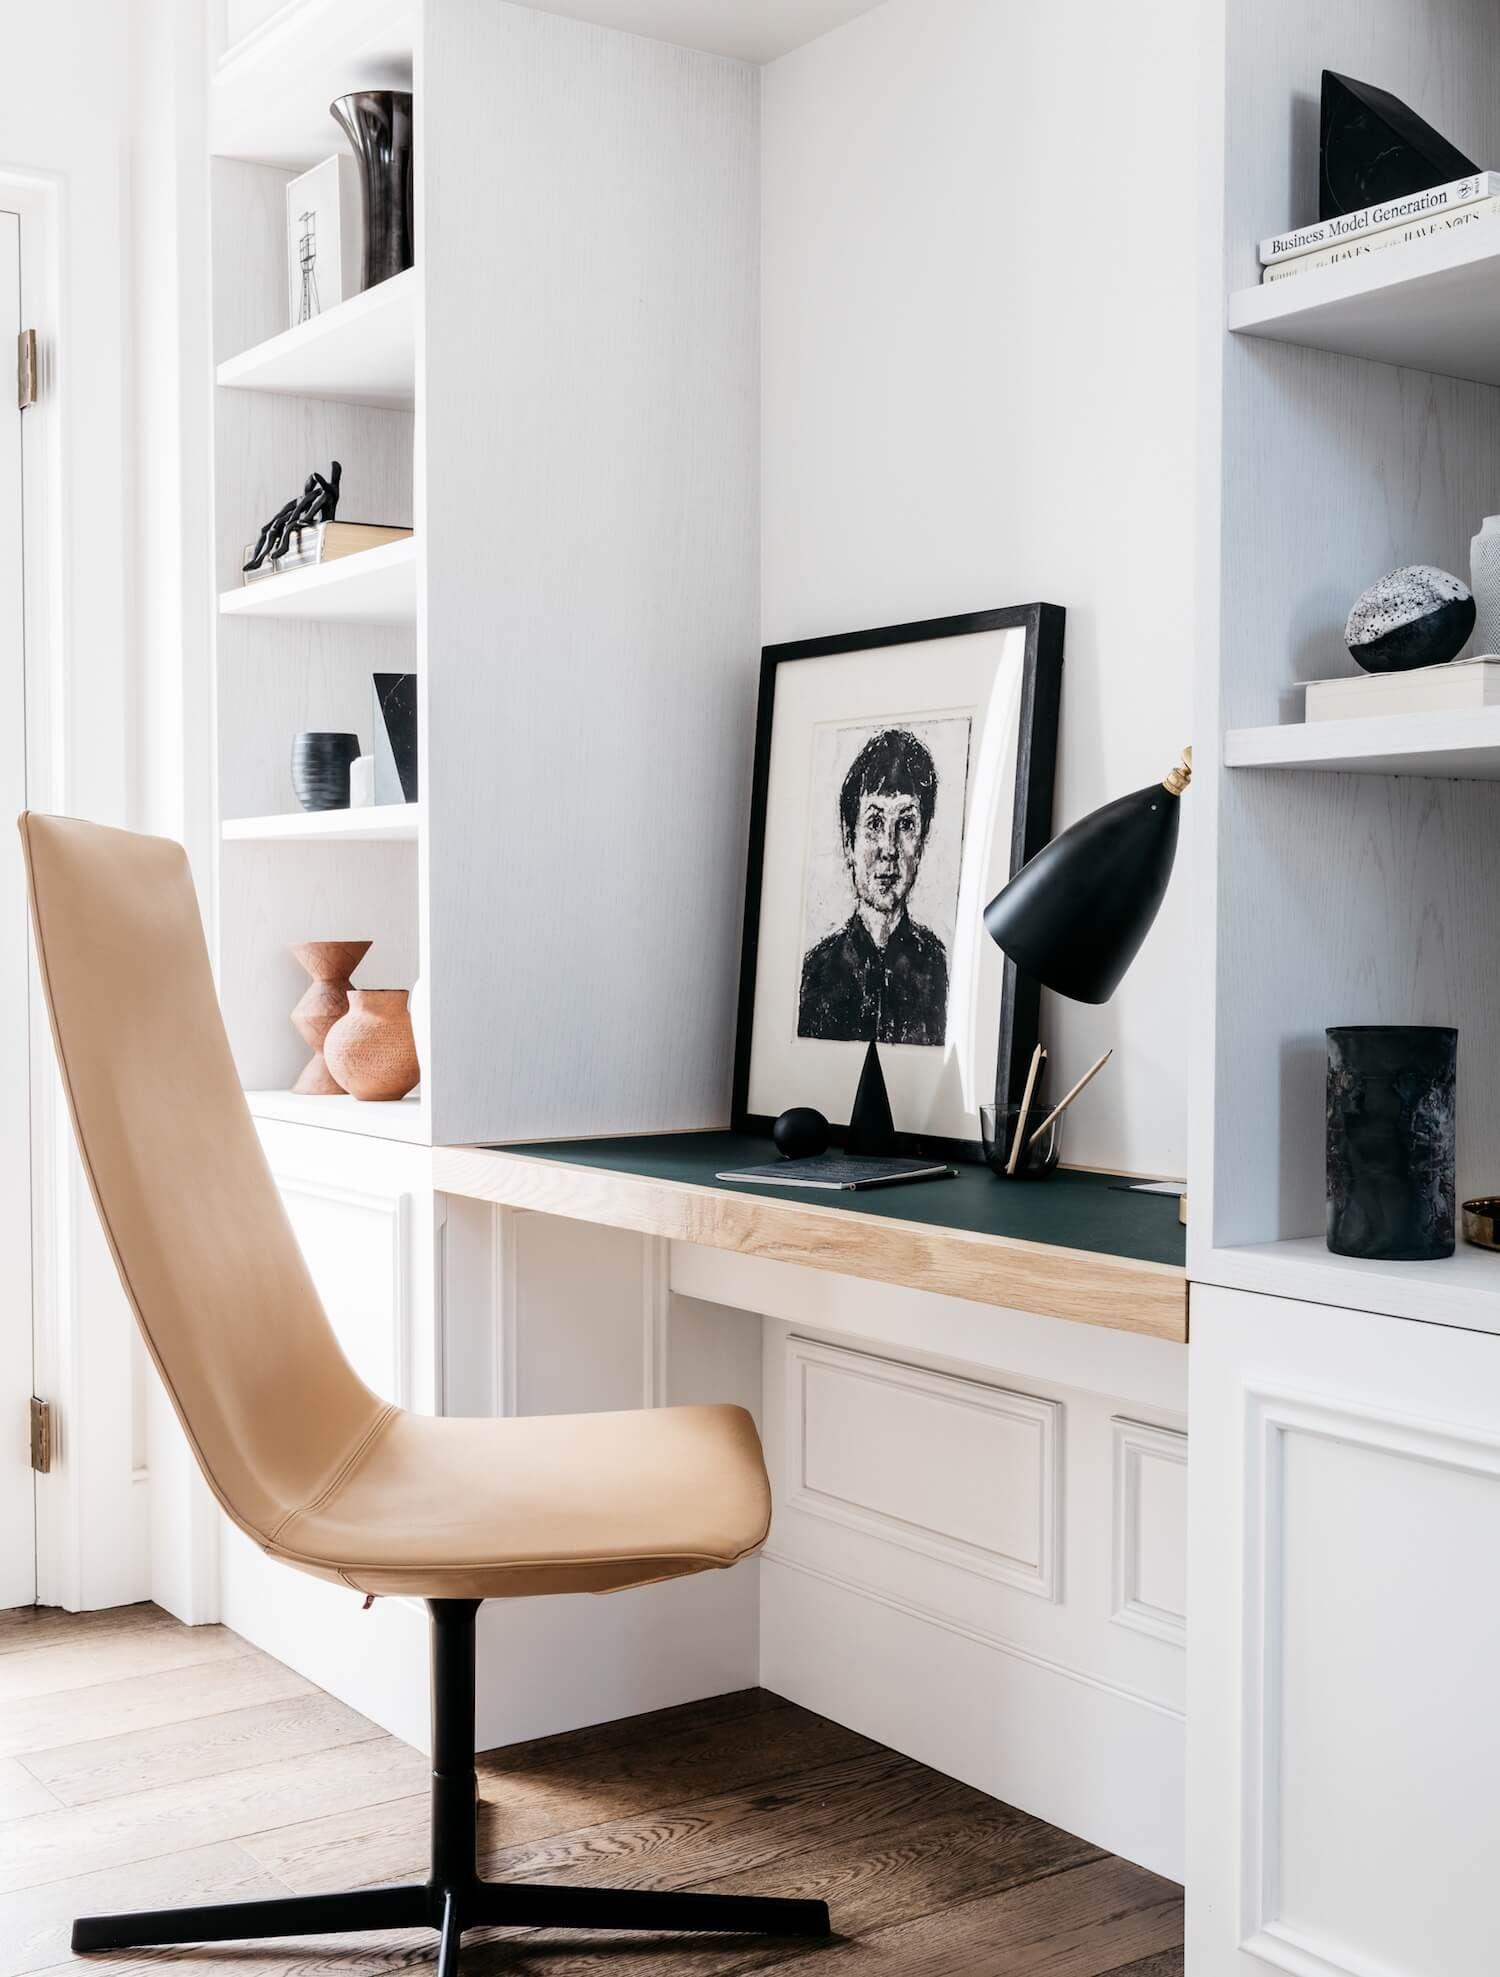 Espacio de zona de trabajo en casa de elegante estilo francés minimalista